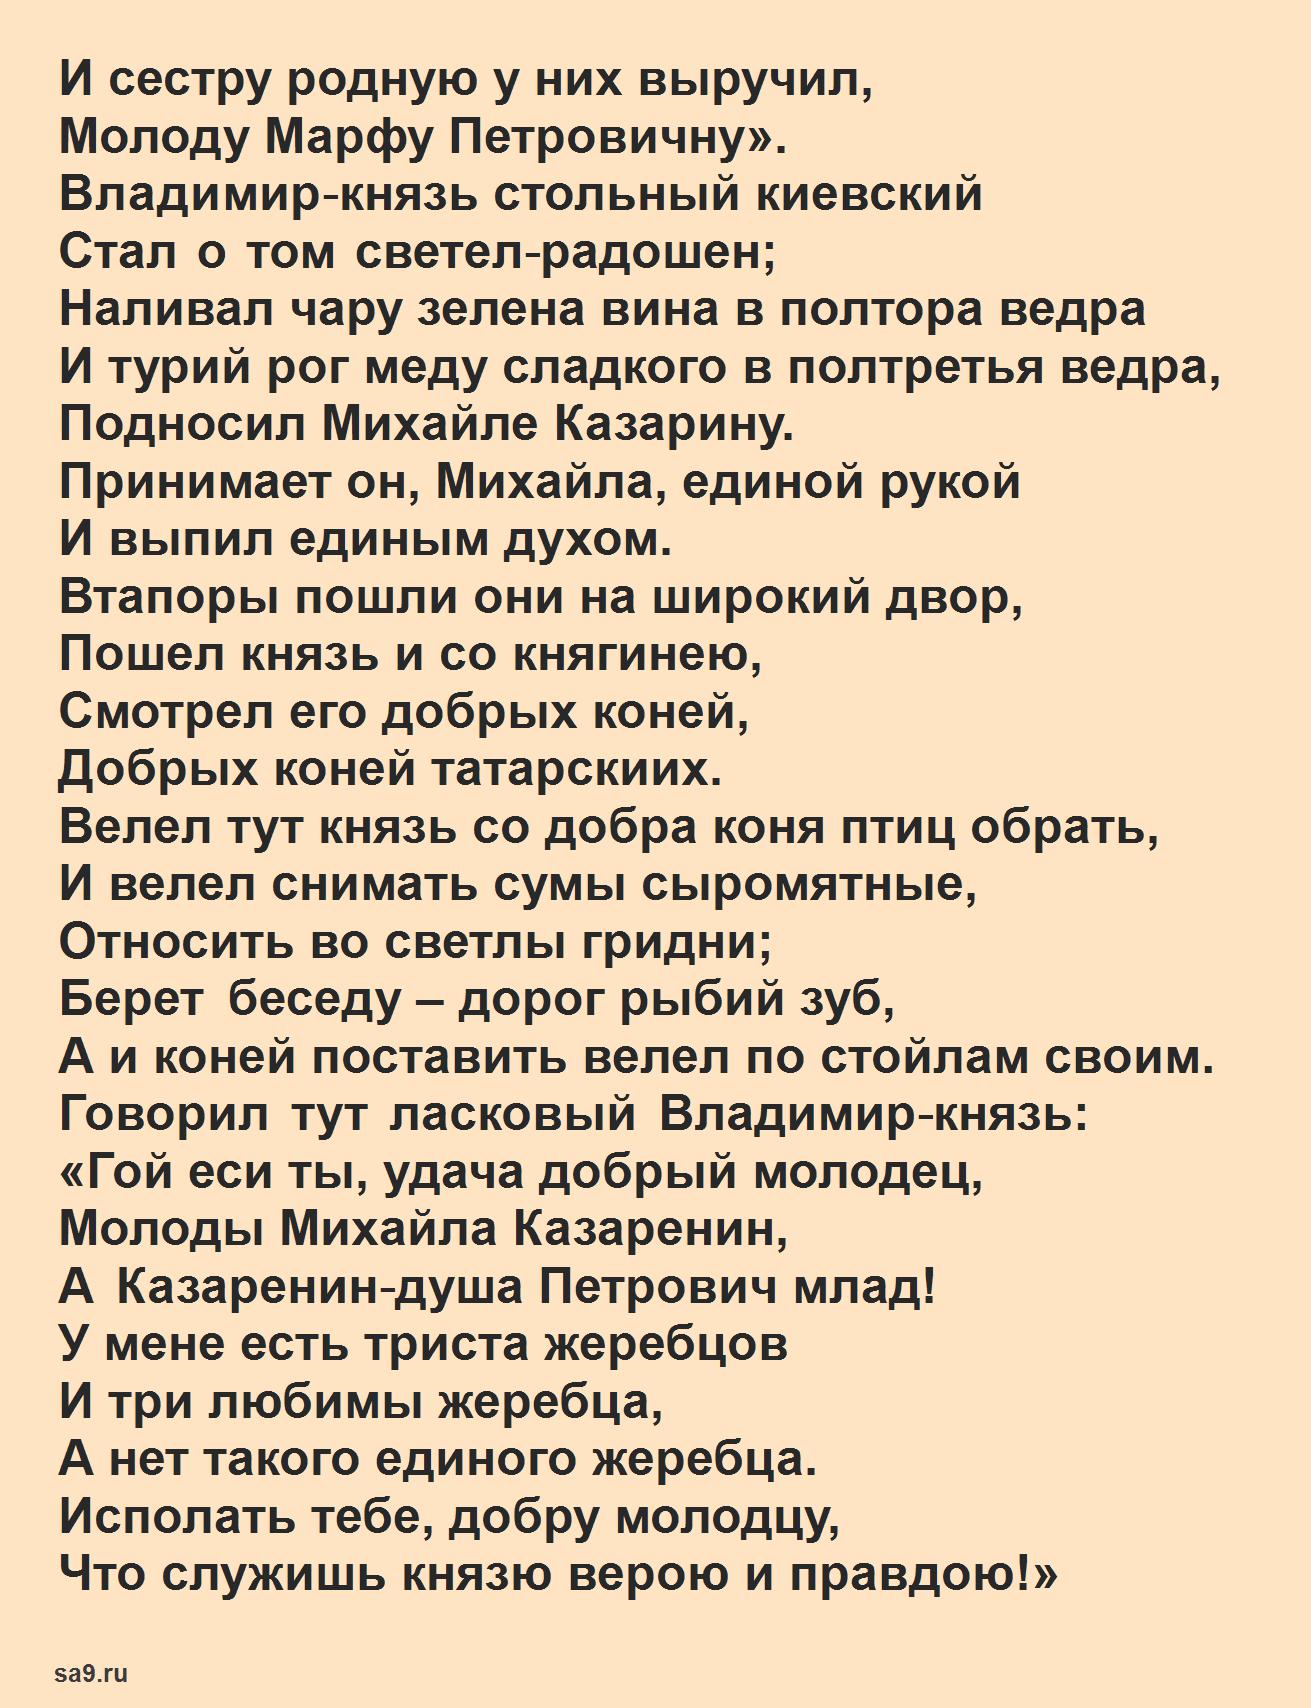 Читать былину - Михайло Казаренин